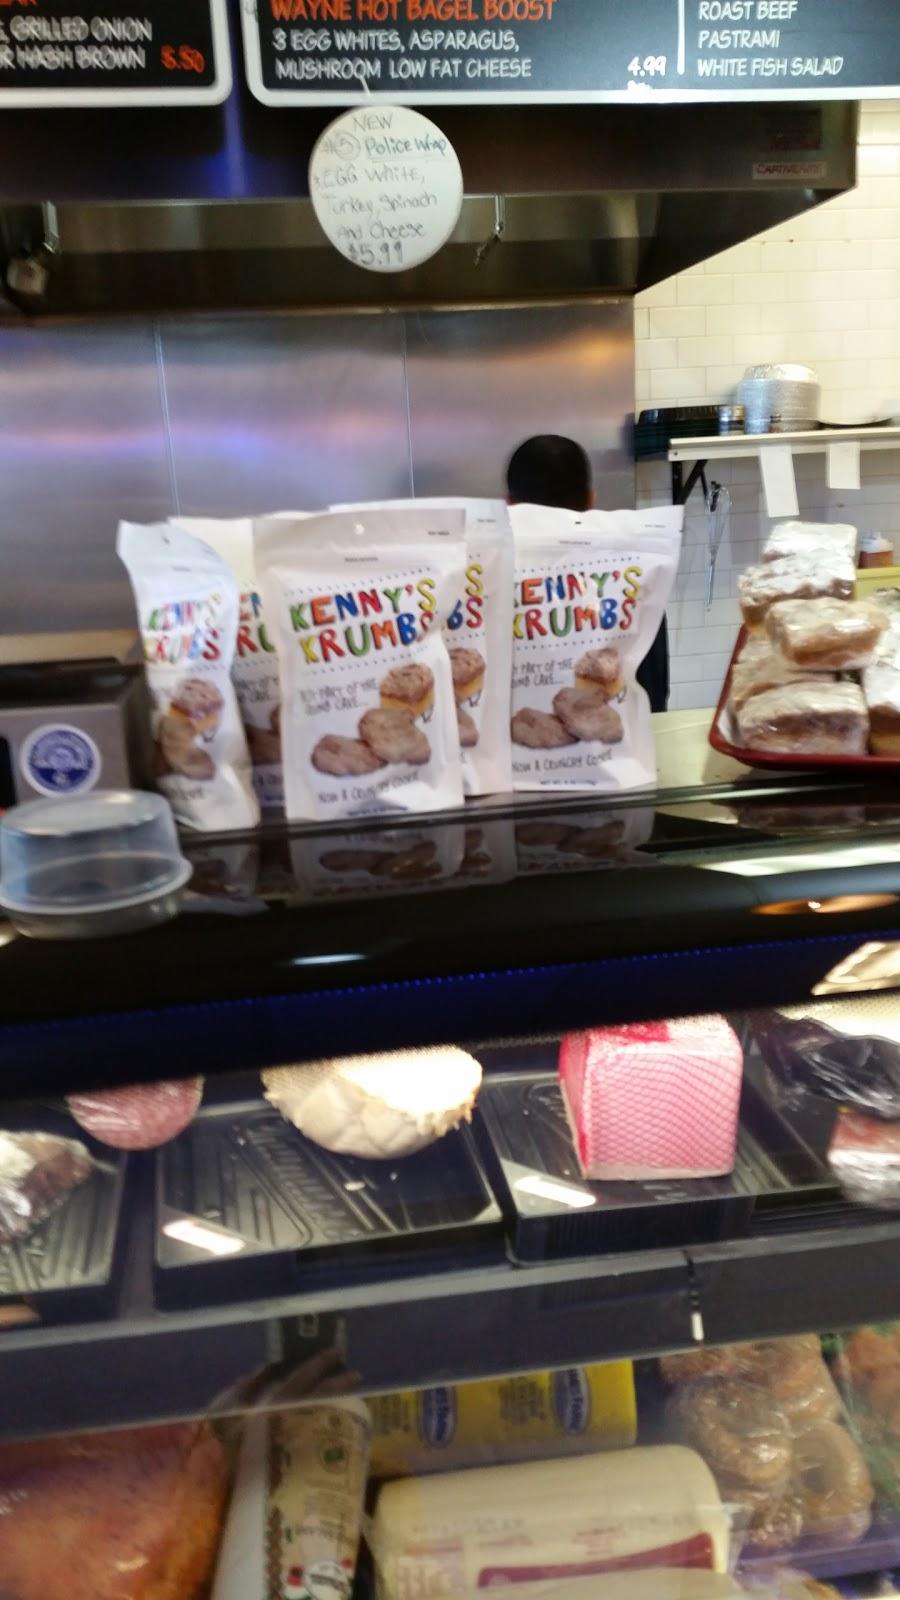 Wayne Hot Bagels and Cafe - bakery  | Photo 3 of 10 | Address: 1055 Hamburg Turnpike, Wayne, NJ 07470, USA | Phone: (973) 694-9964